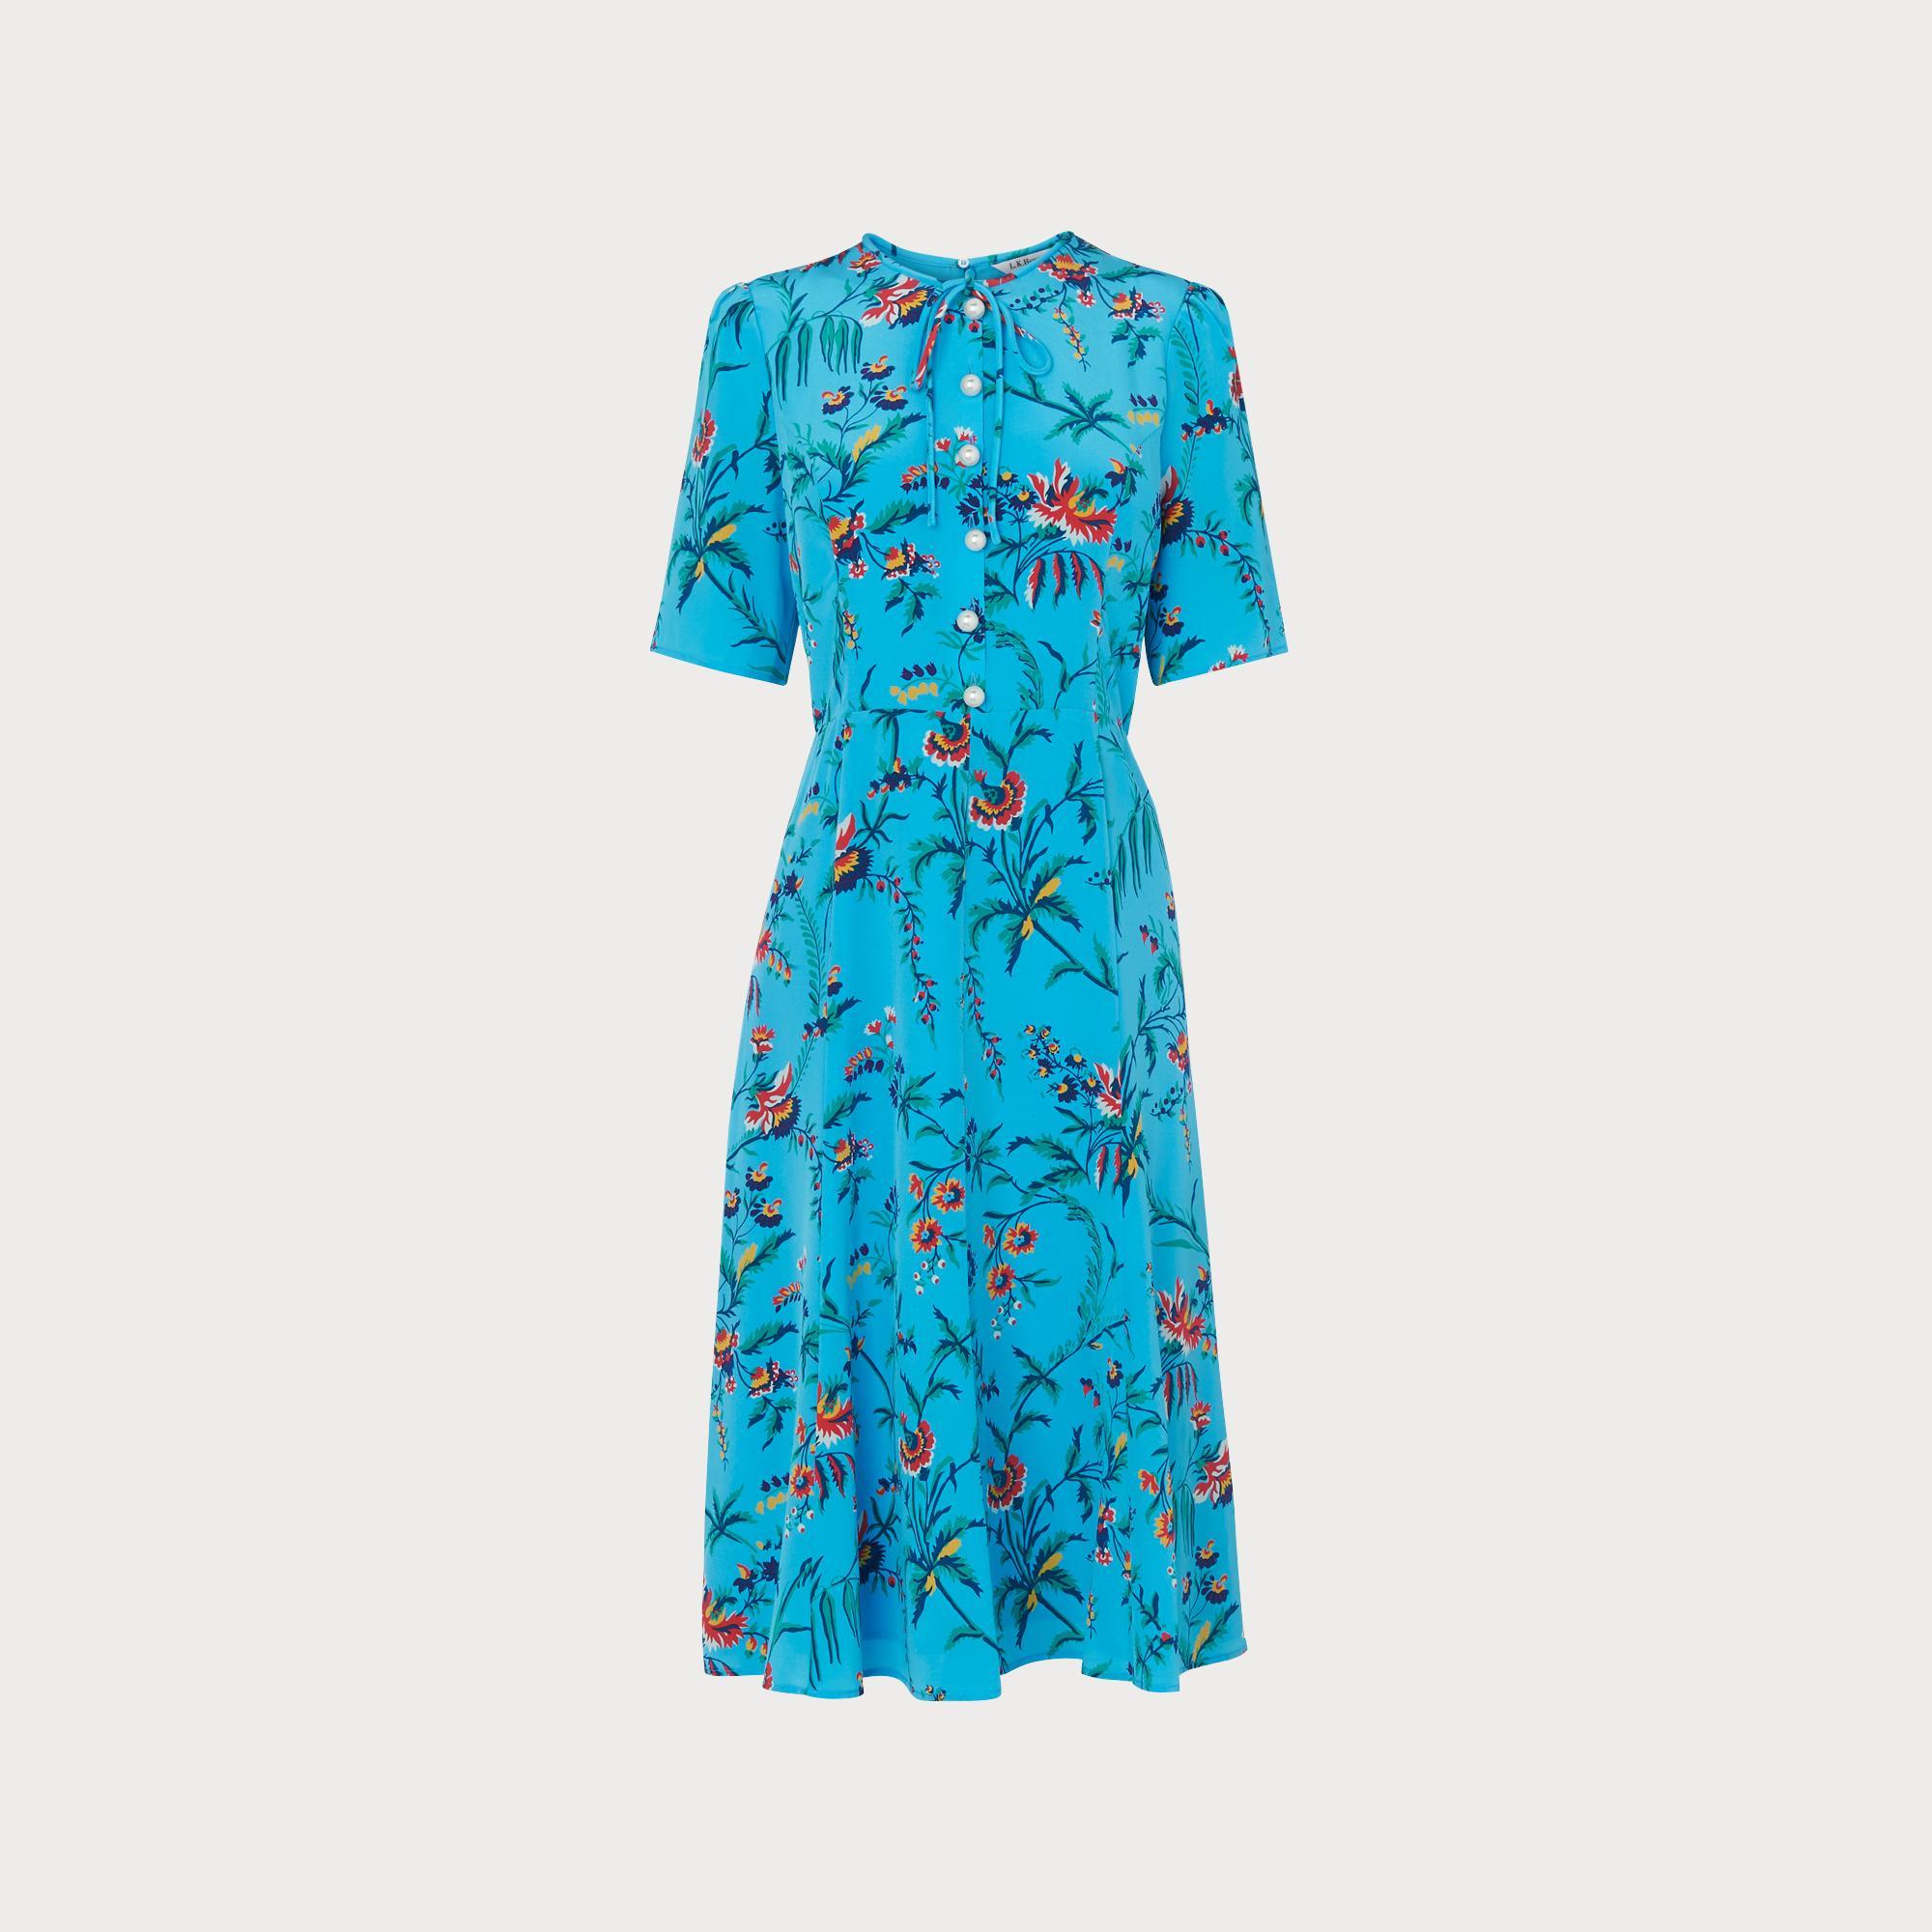 Montana Blue Wildflower Print Dress by L.K.Bennett